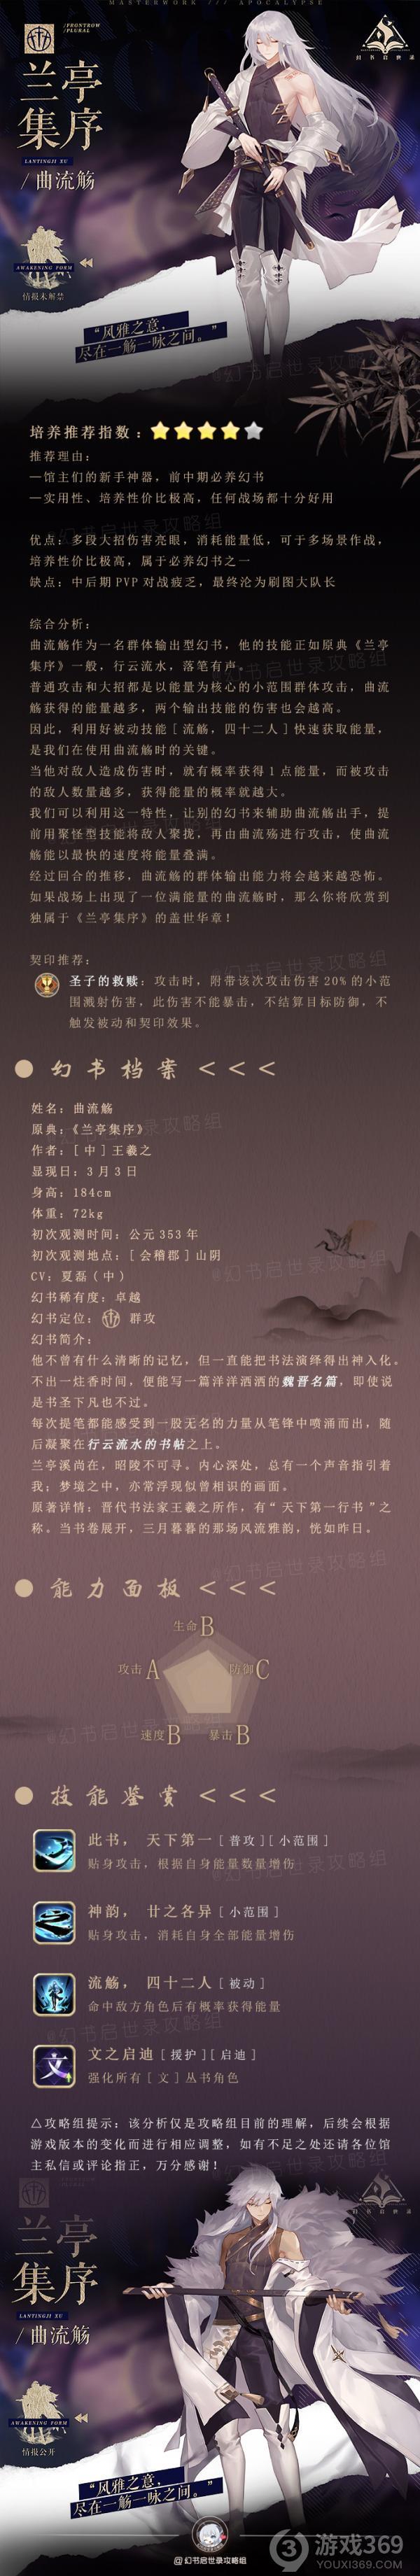 幻书启世录曲流觞幻书档案